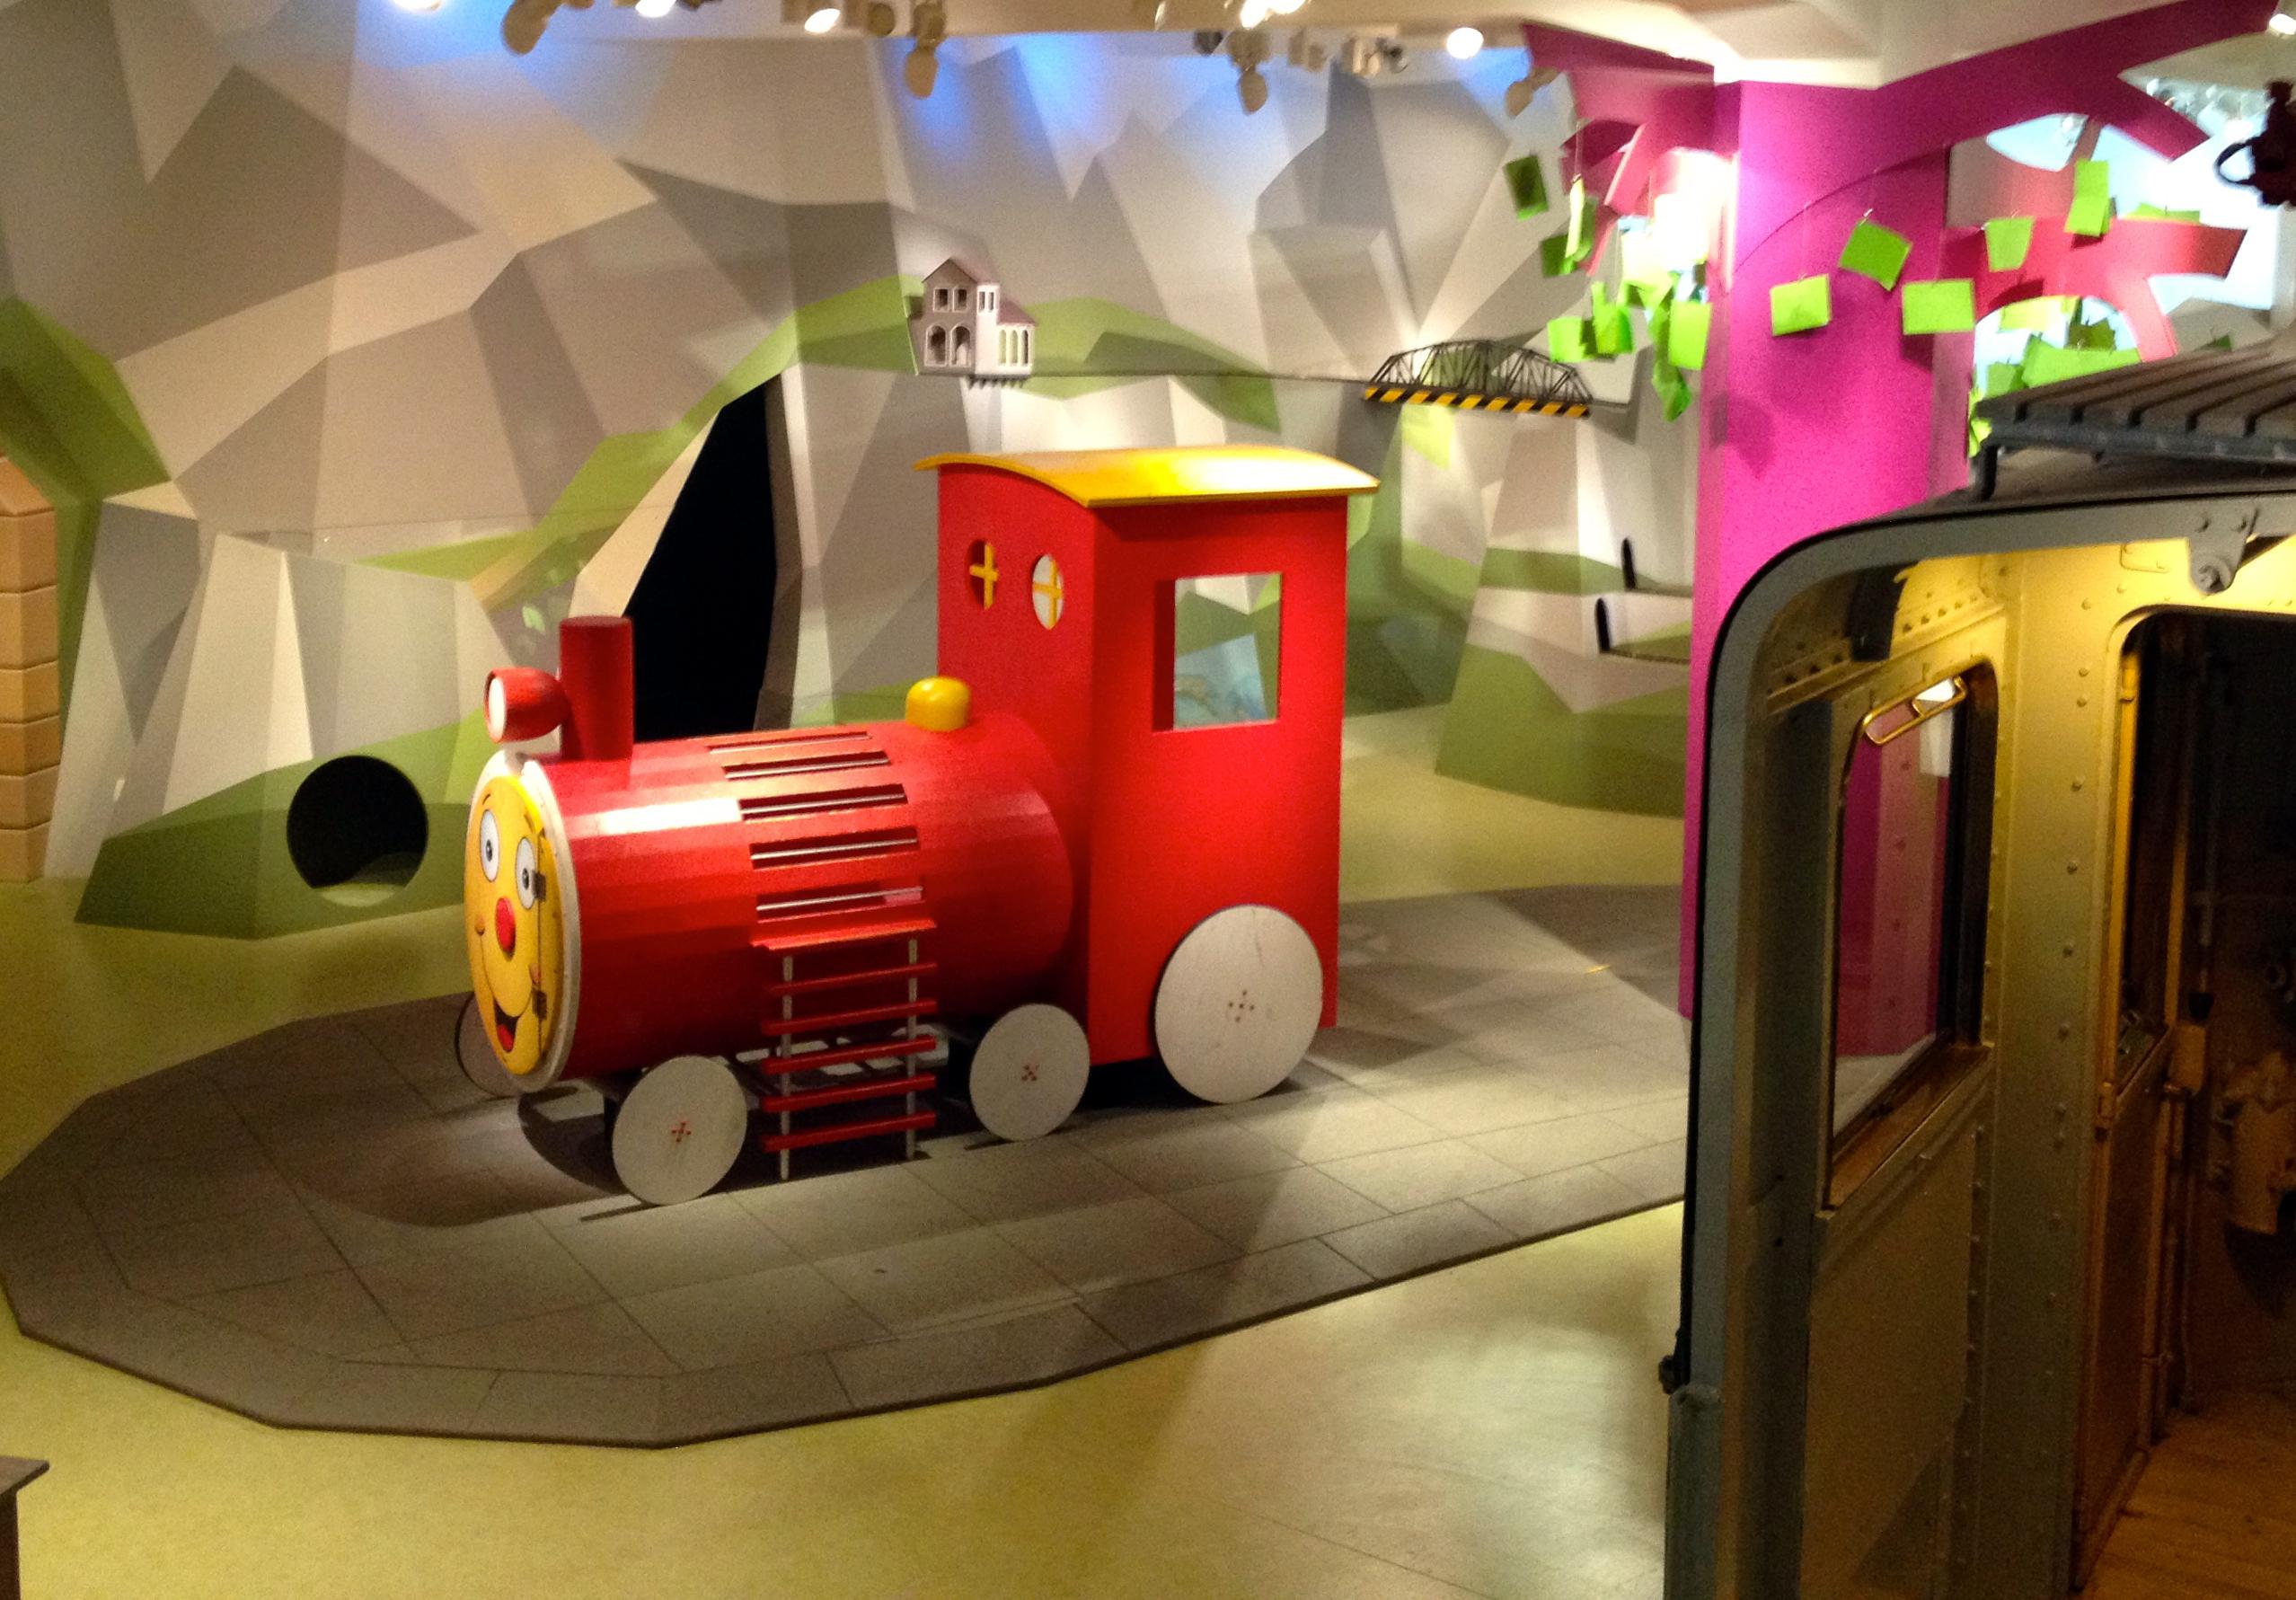 kwod_Ausstellung_Deutsche Bahn_Museum_N ürnberg_Dauerausstellung_KIBALA_Lok